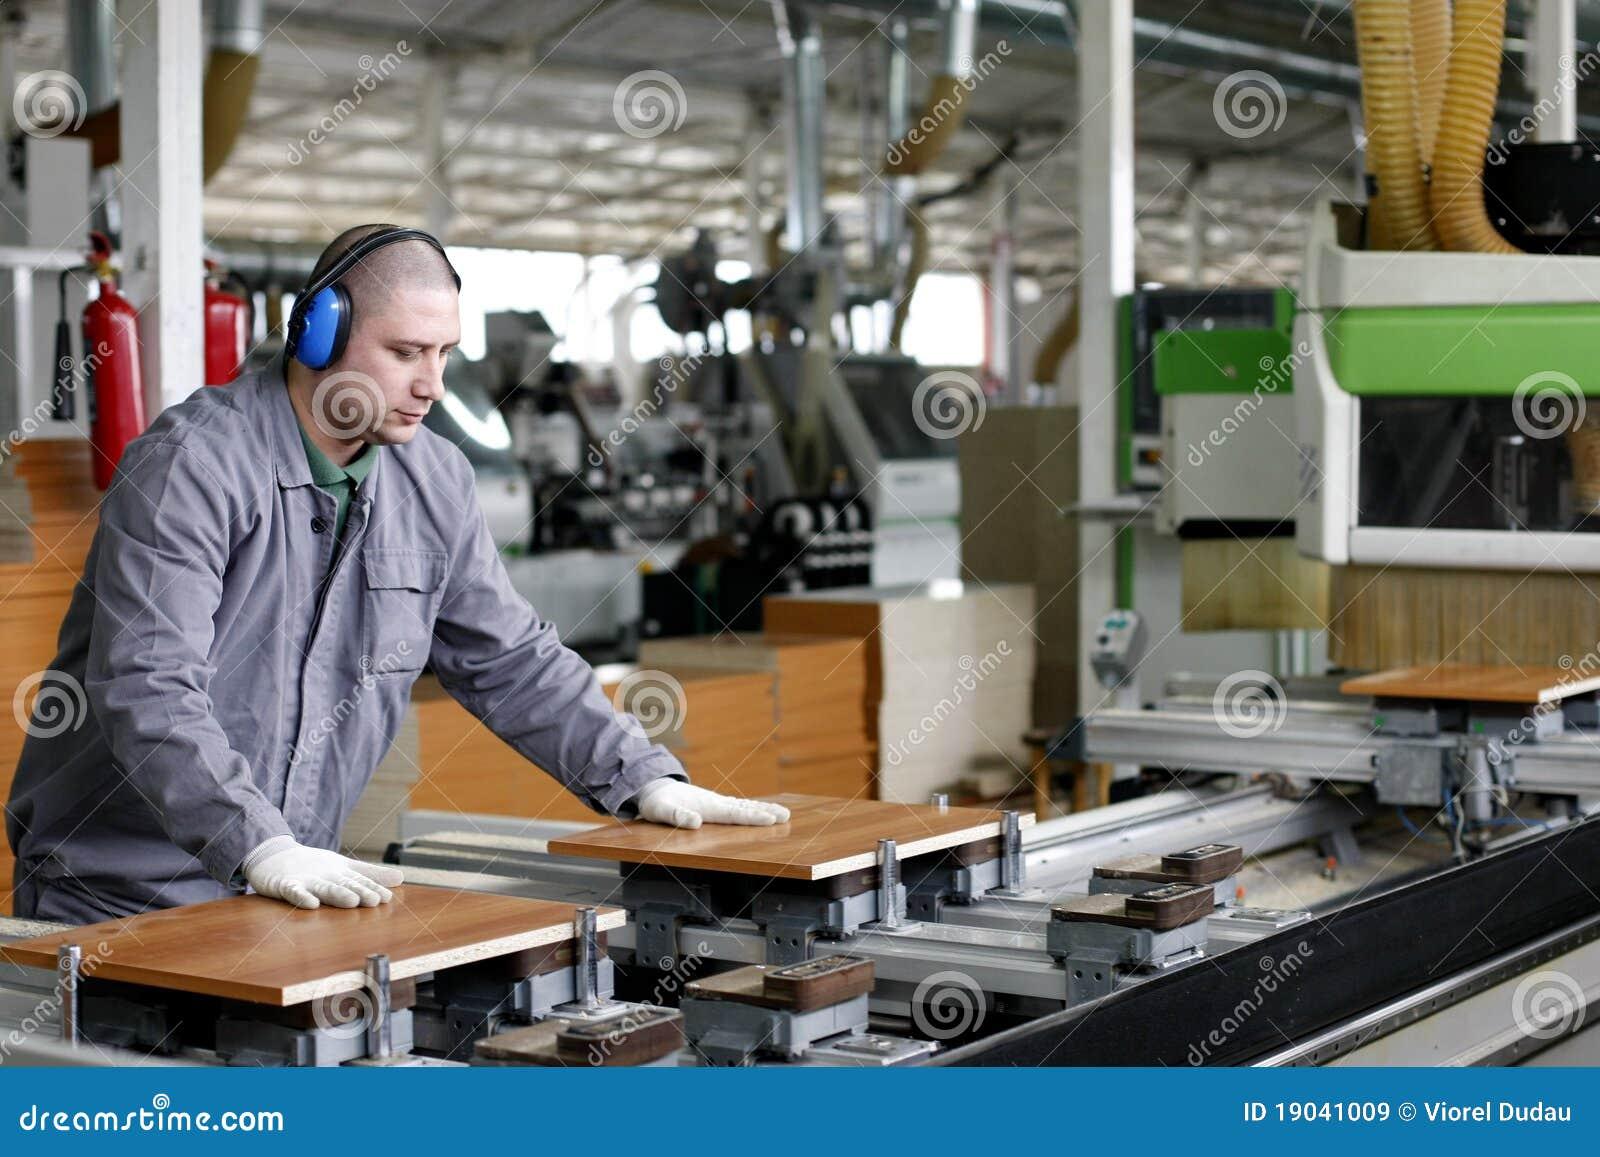 Travail industriel usine en bois et de meubles image stock ditorial imag - Usine de meuble en belgique ...